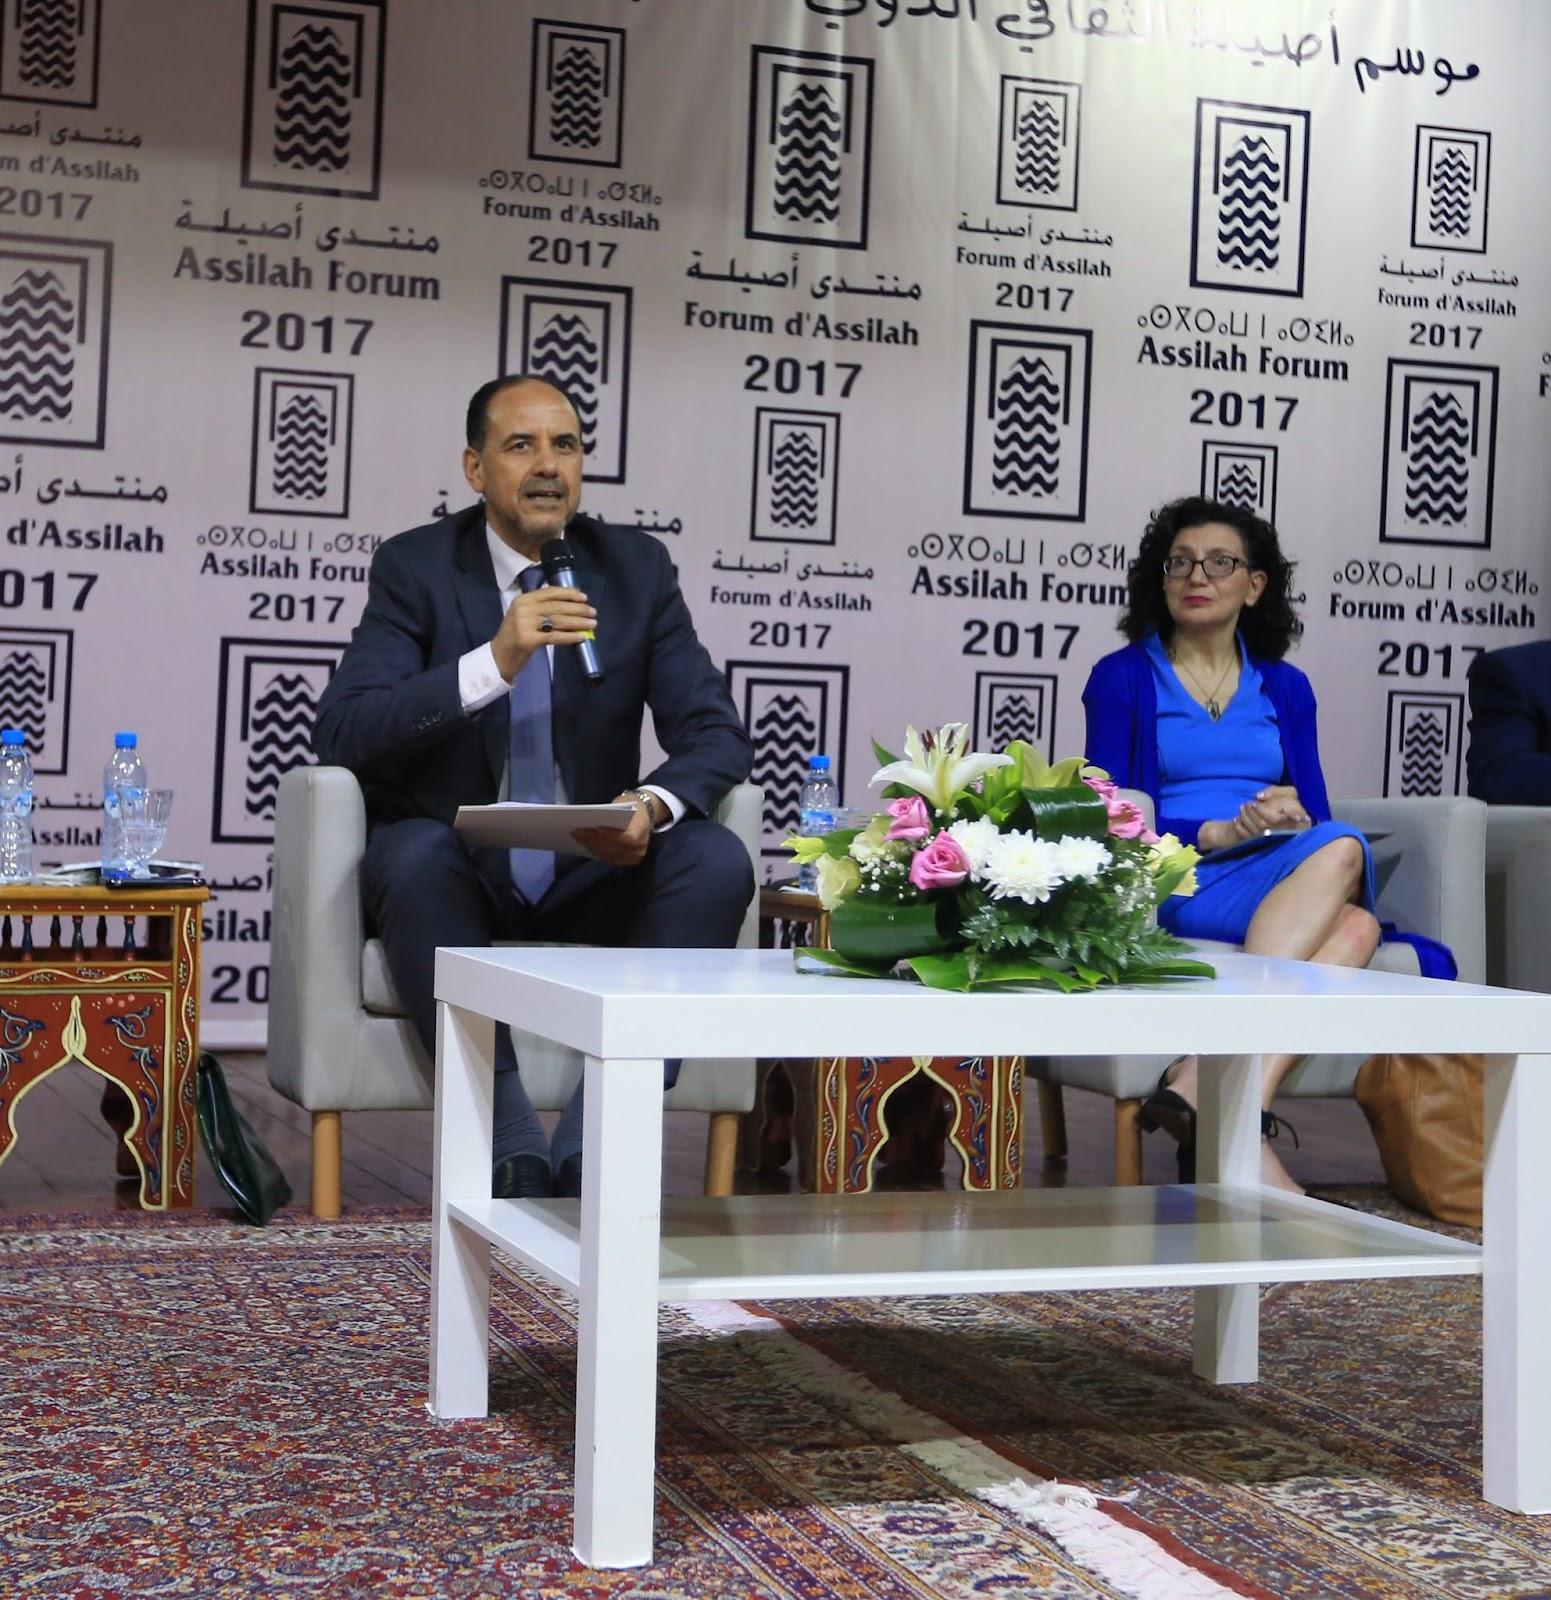 17-7-2017 أفتتاح ندوة المسلمون في الغرب الواقع والمأمول